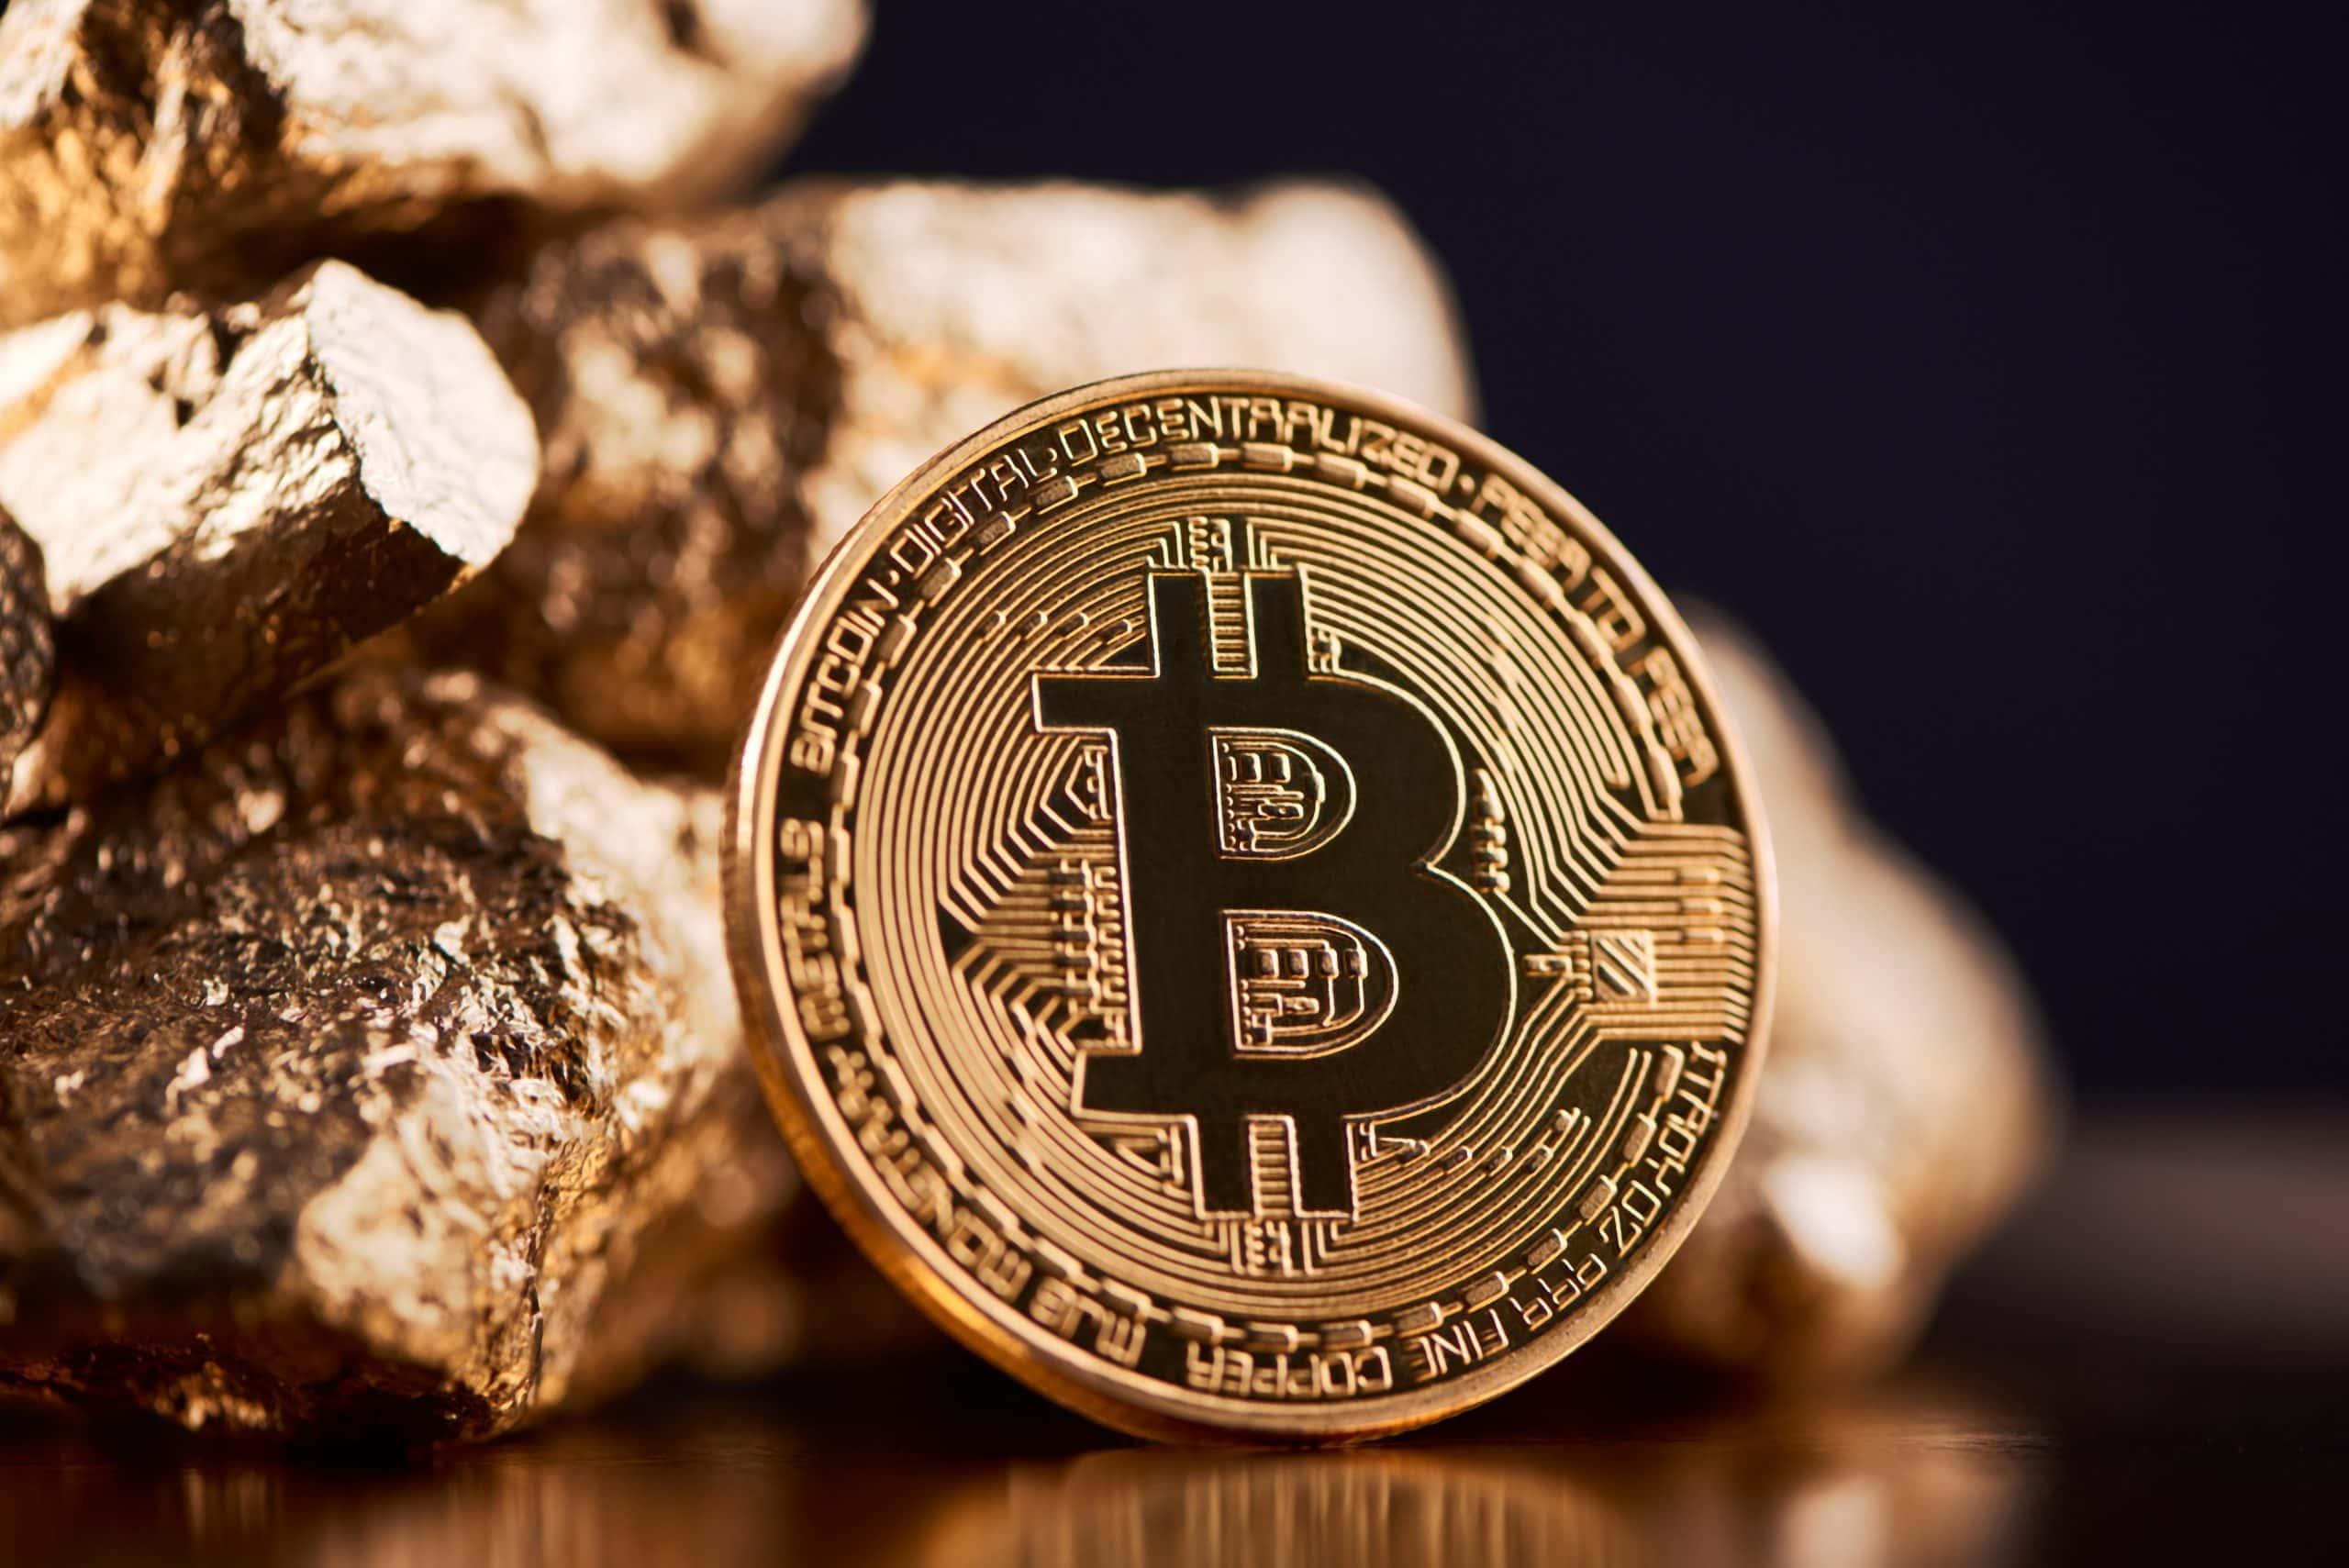 Bitcoin-Münze vor Gold-Nuggets